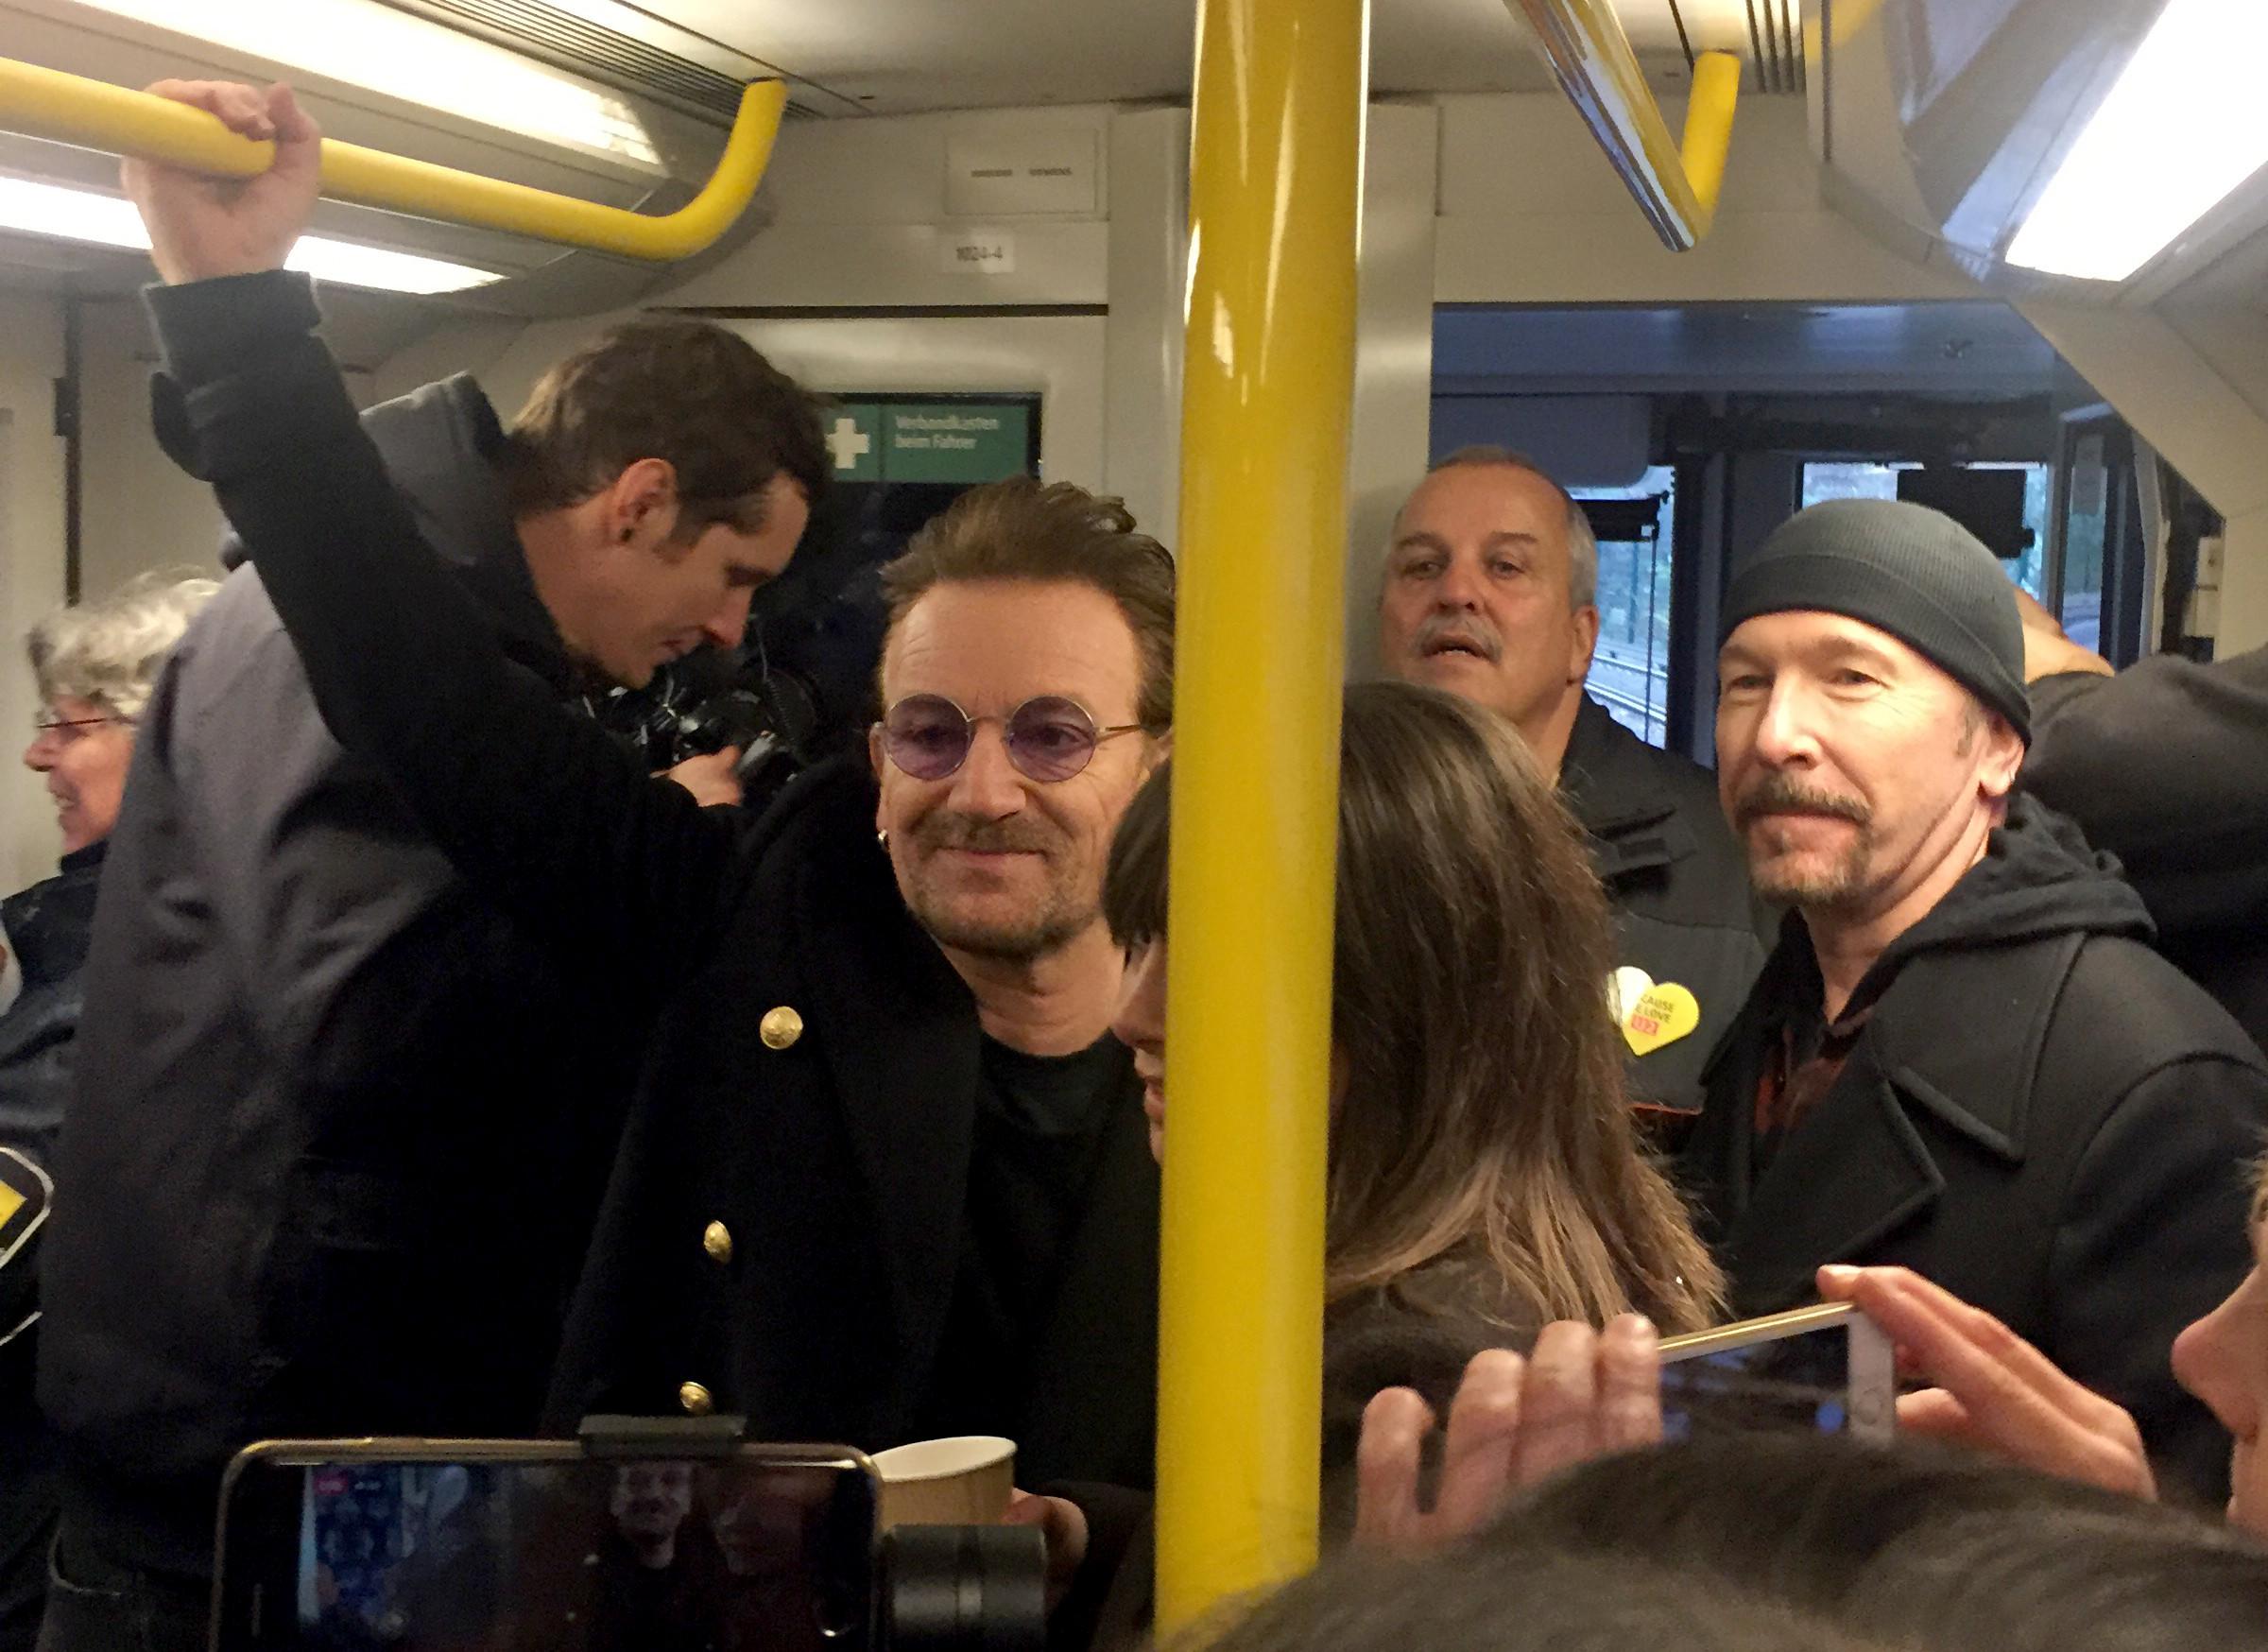 Группа U2 выступила в берлинском метро